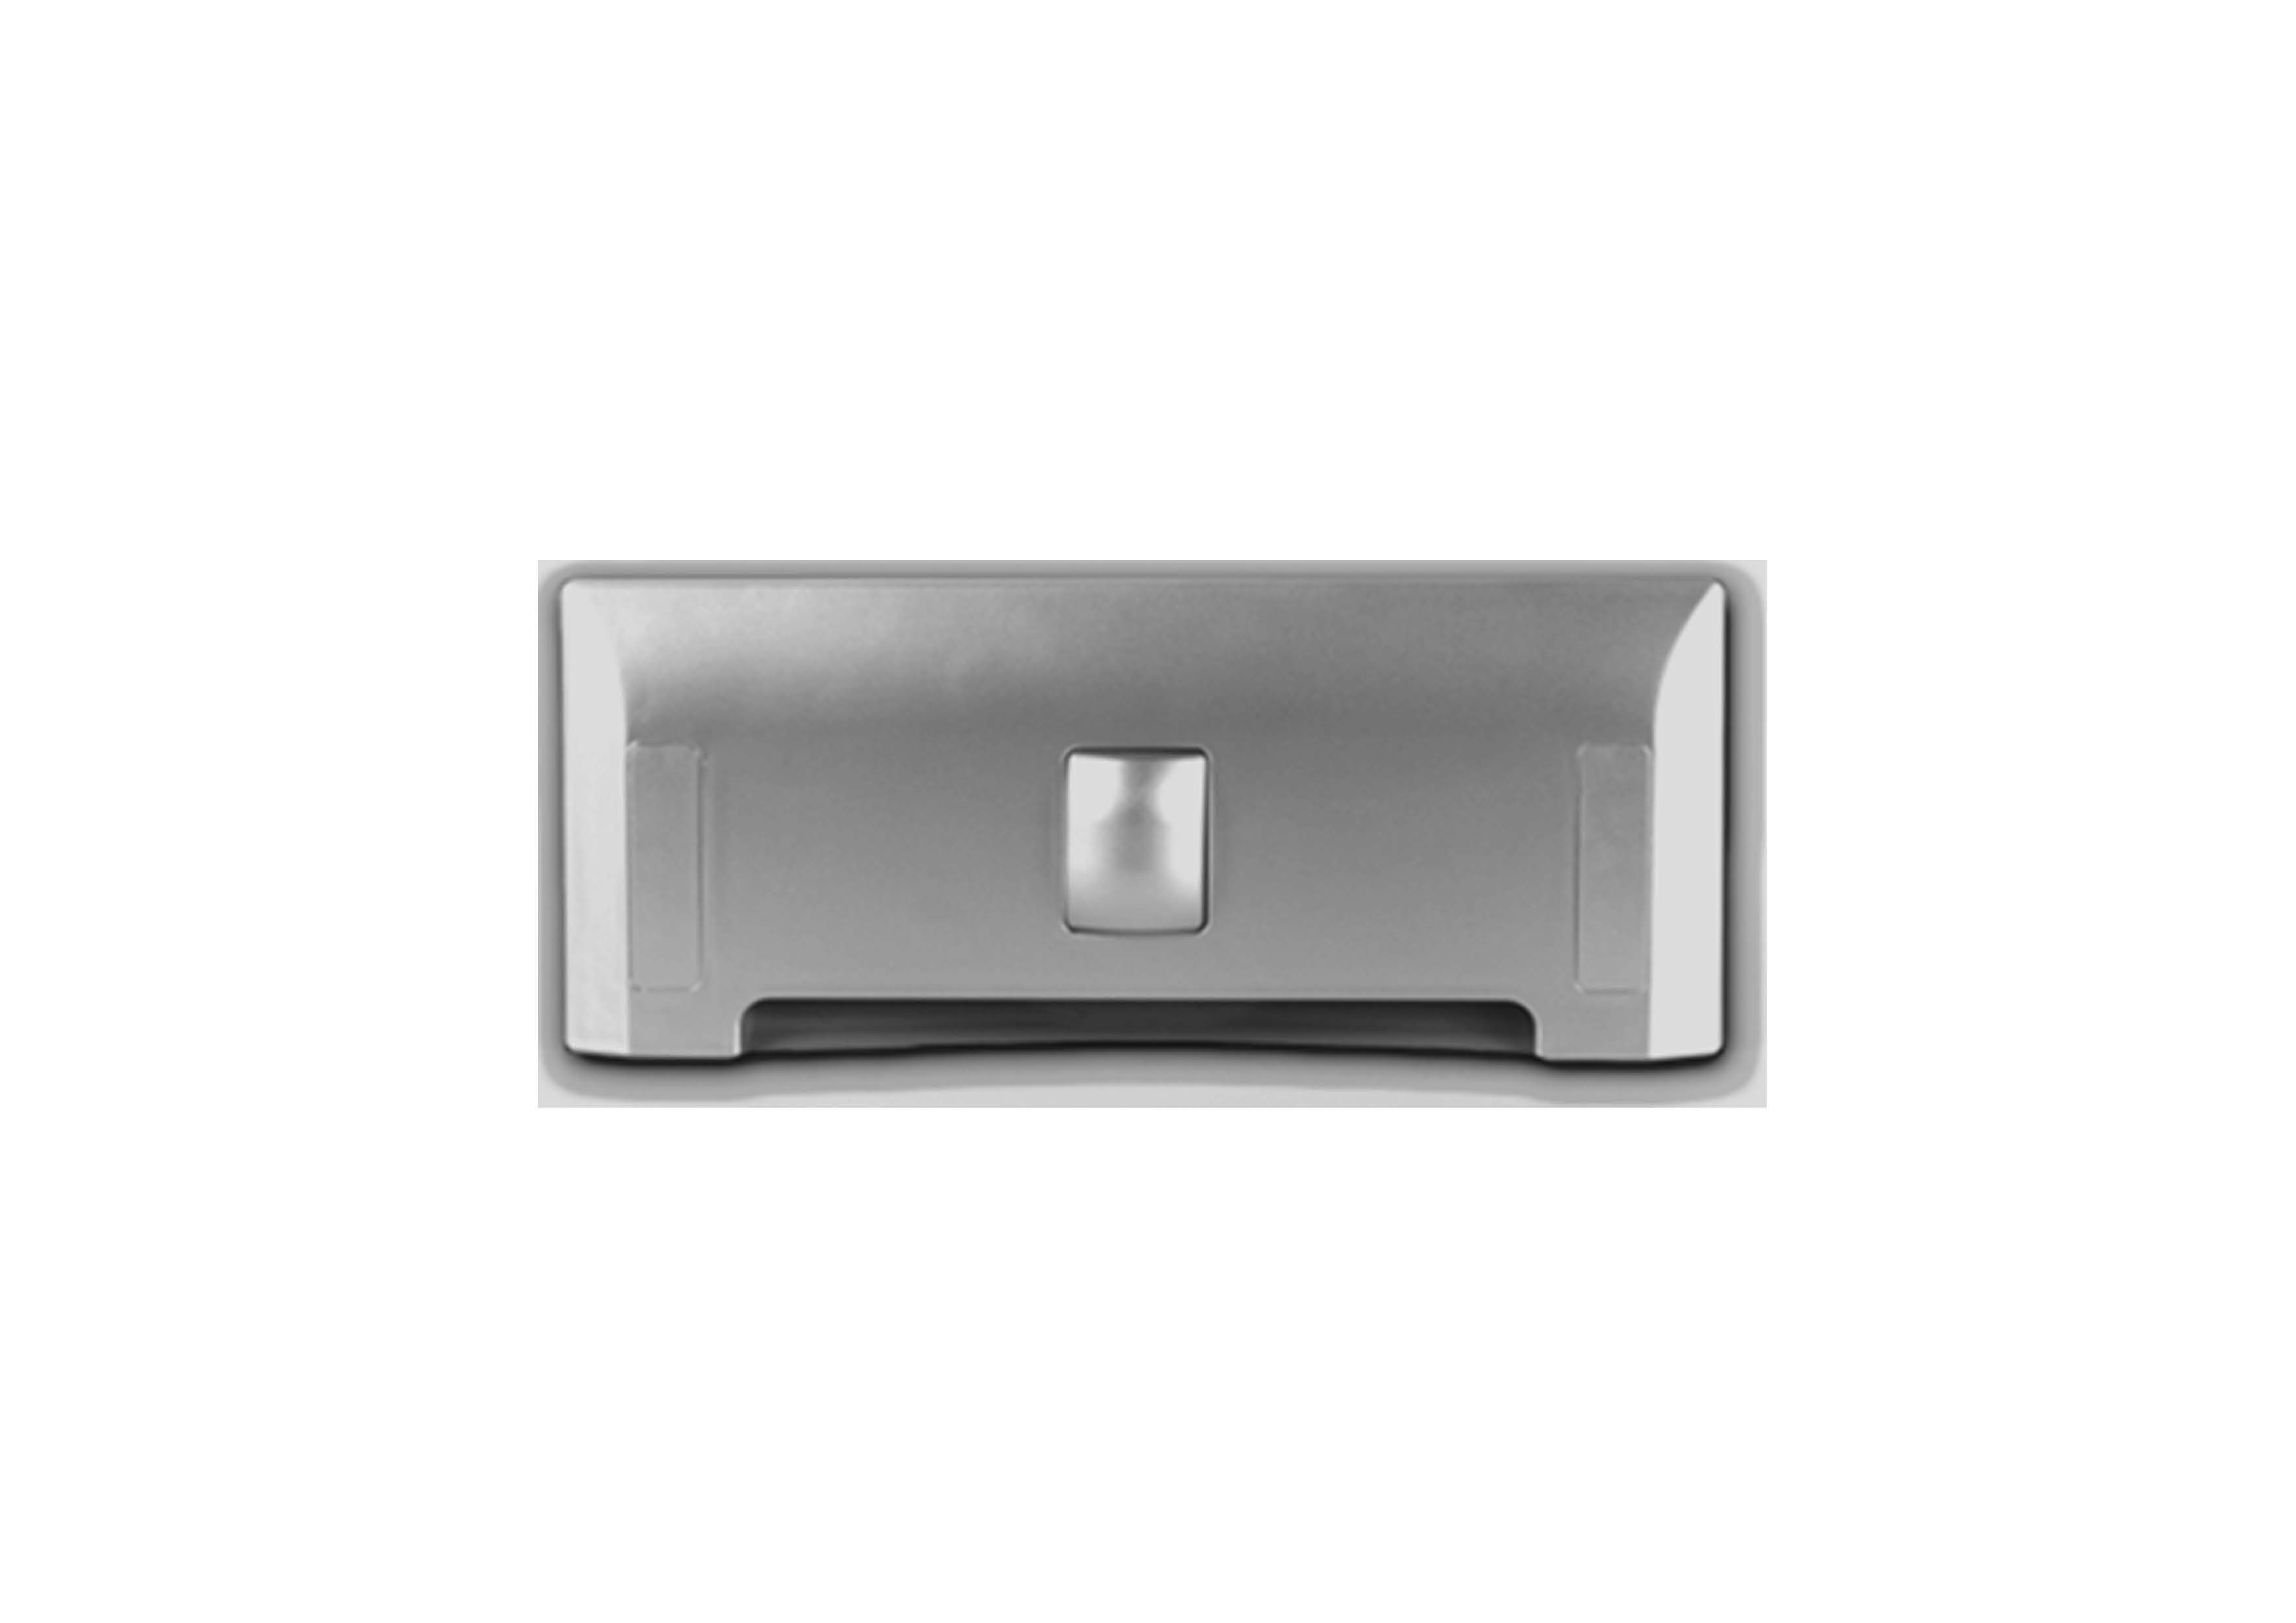 Щілинна вакуумна розетка-совок LEOVAC UNO, колір срібний